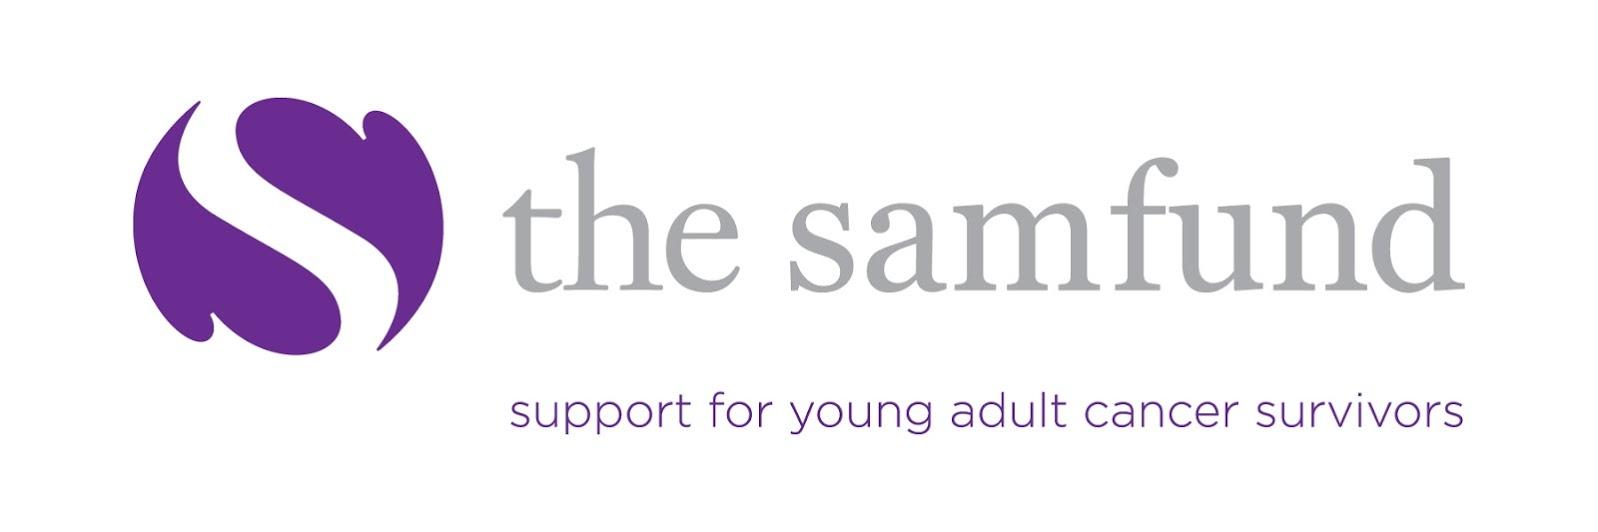 Thesamfund logo horiz 10 15 15